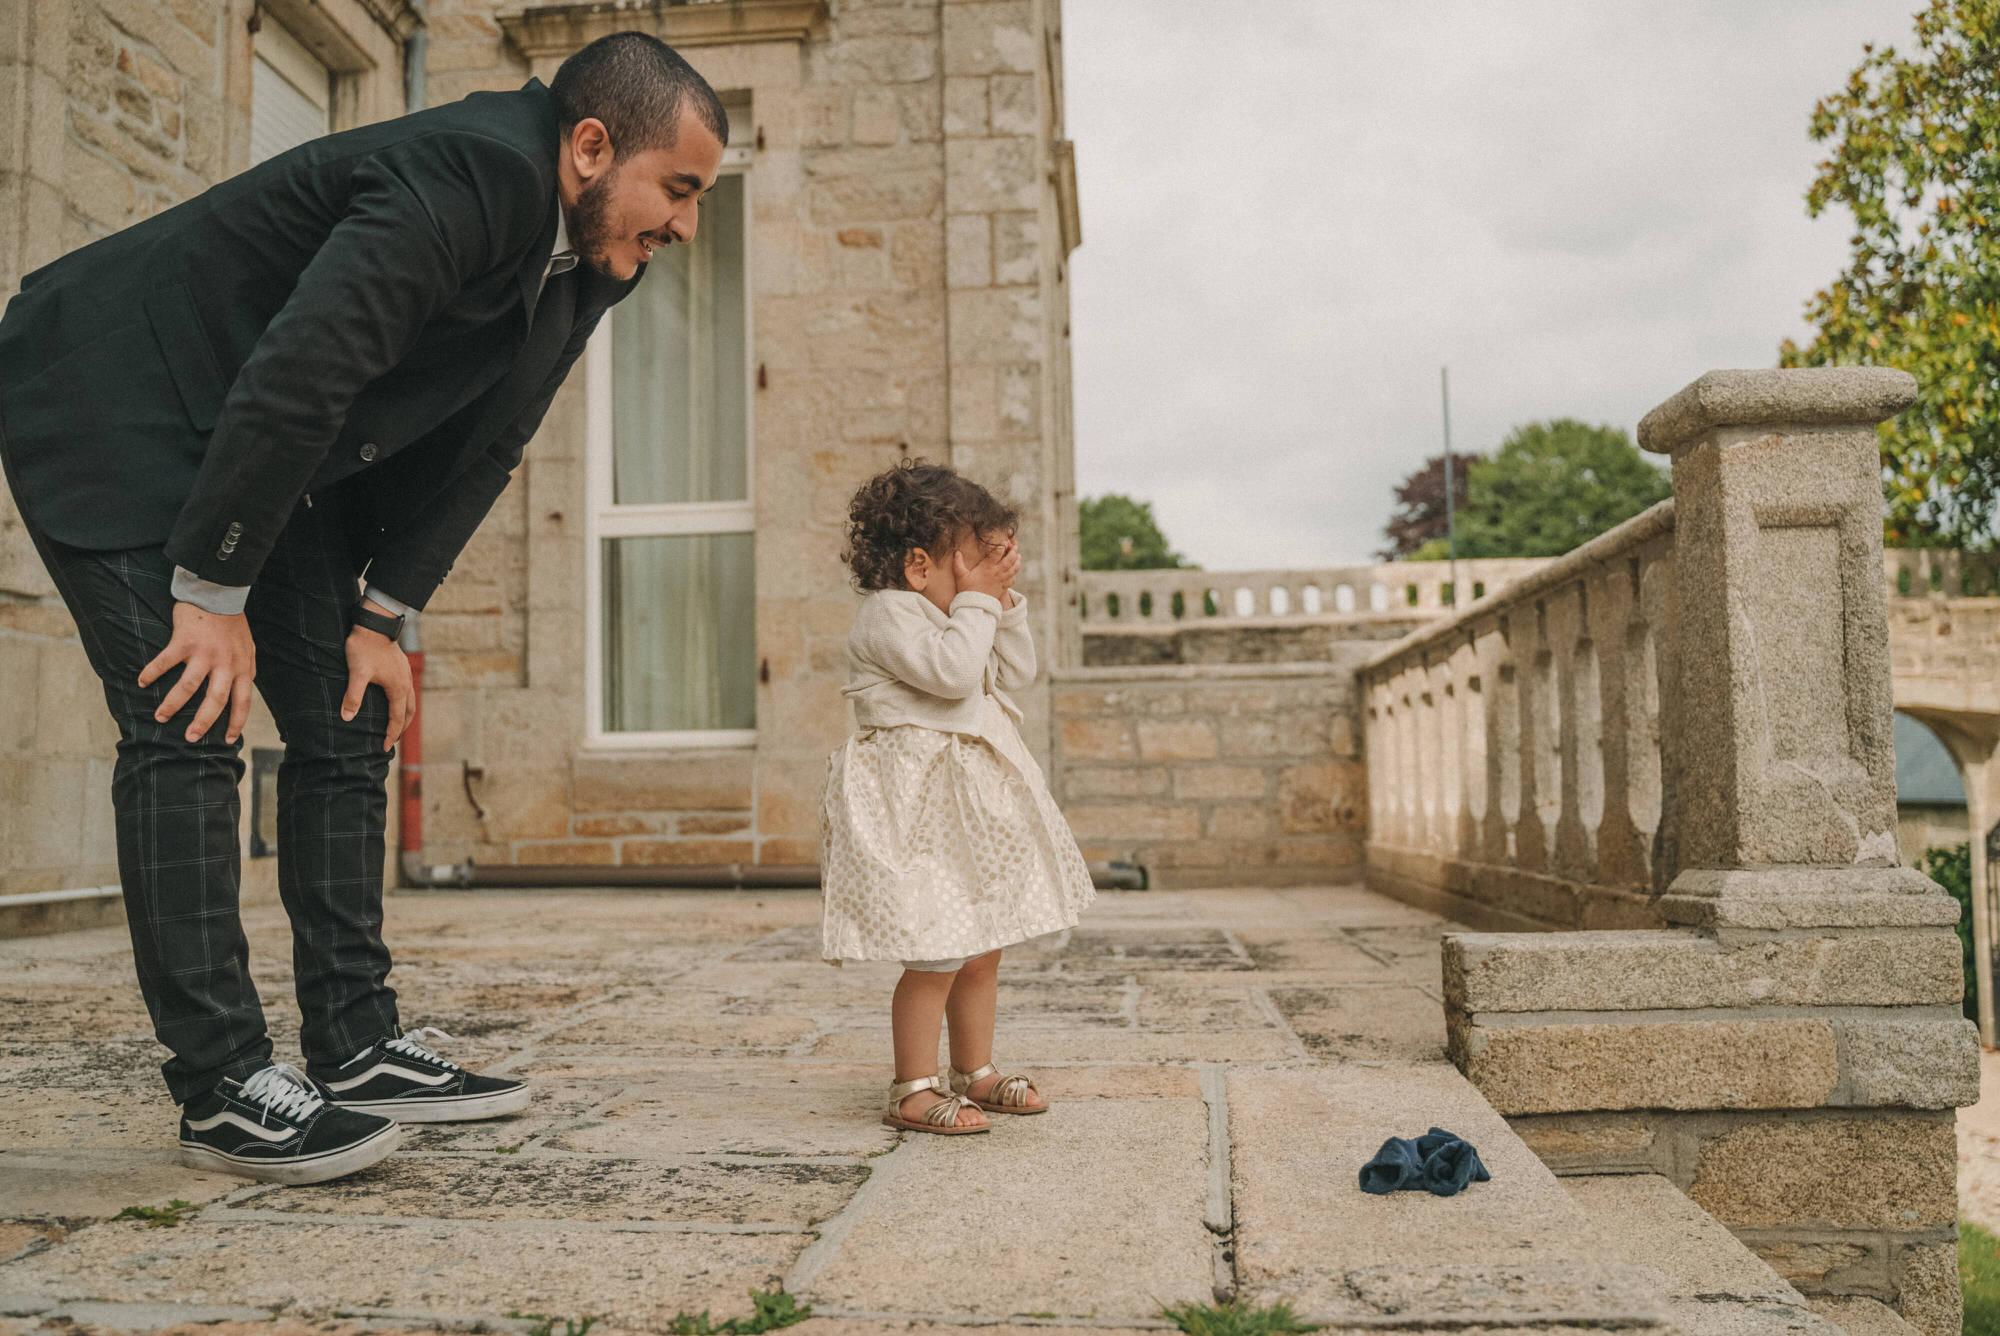 Photo De Mariage Au Manoir De Kerhuel A Plouneour Lanvern De Perle Danilson Par Antoine Borzeix 795, Photographe & Videaste à Brest / Finistère